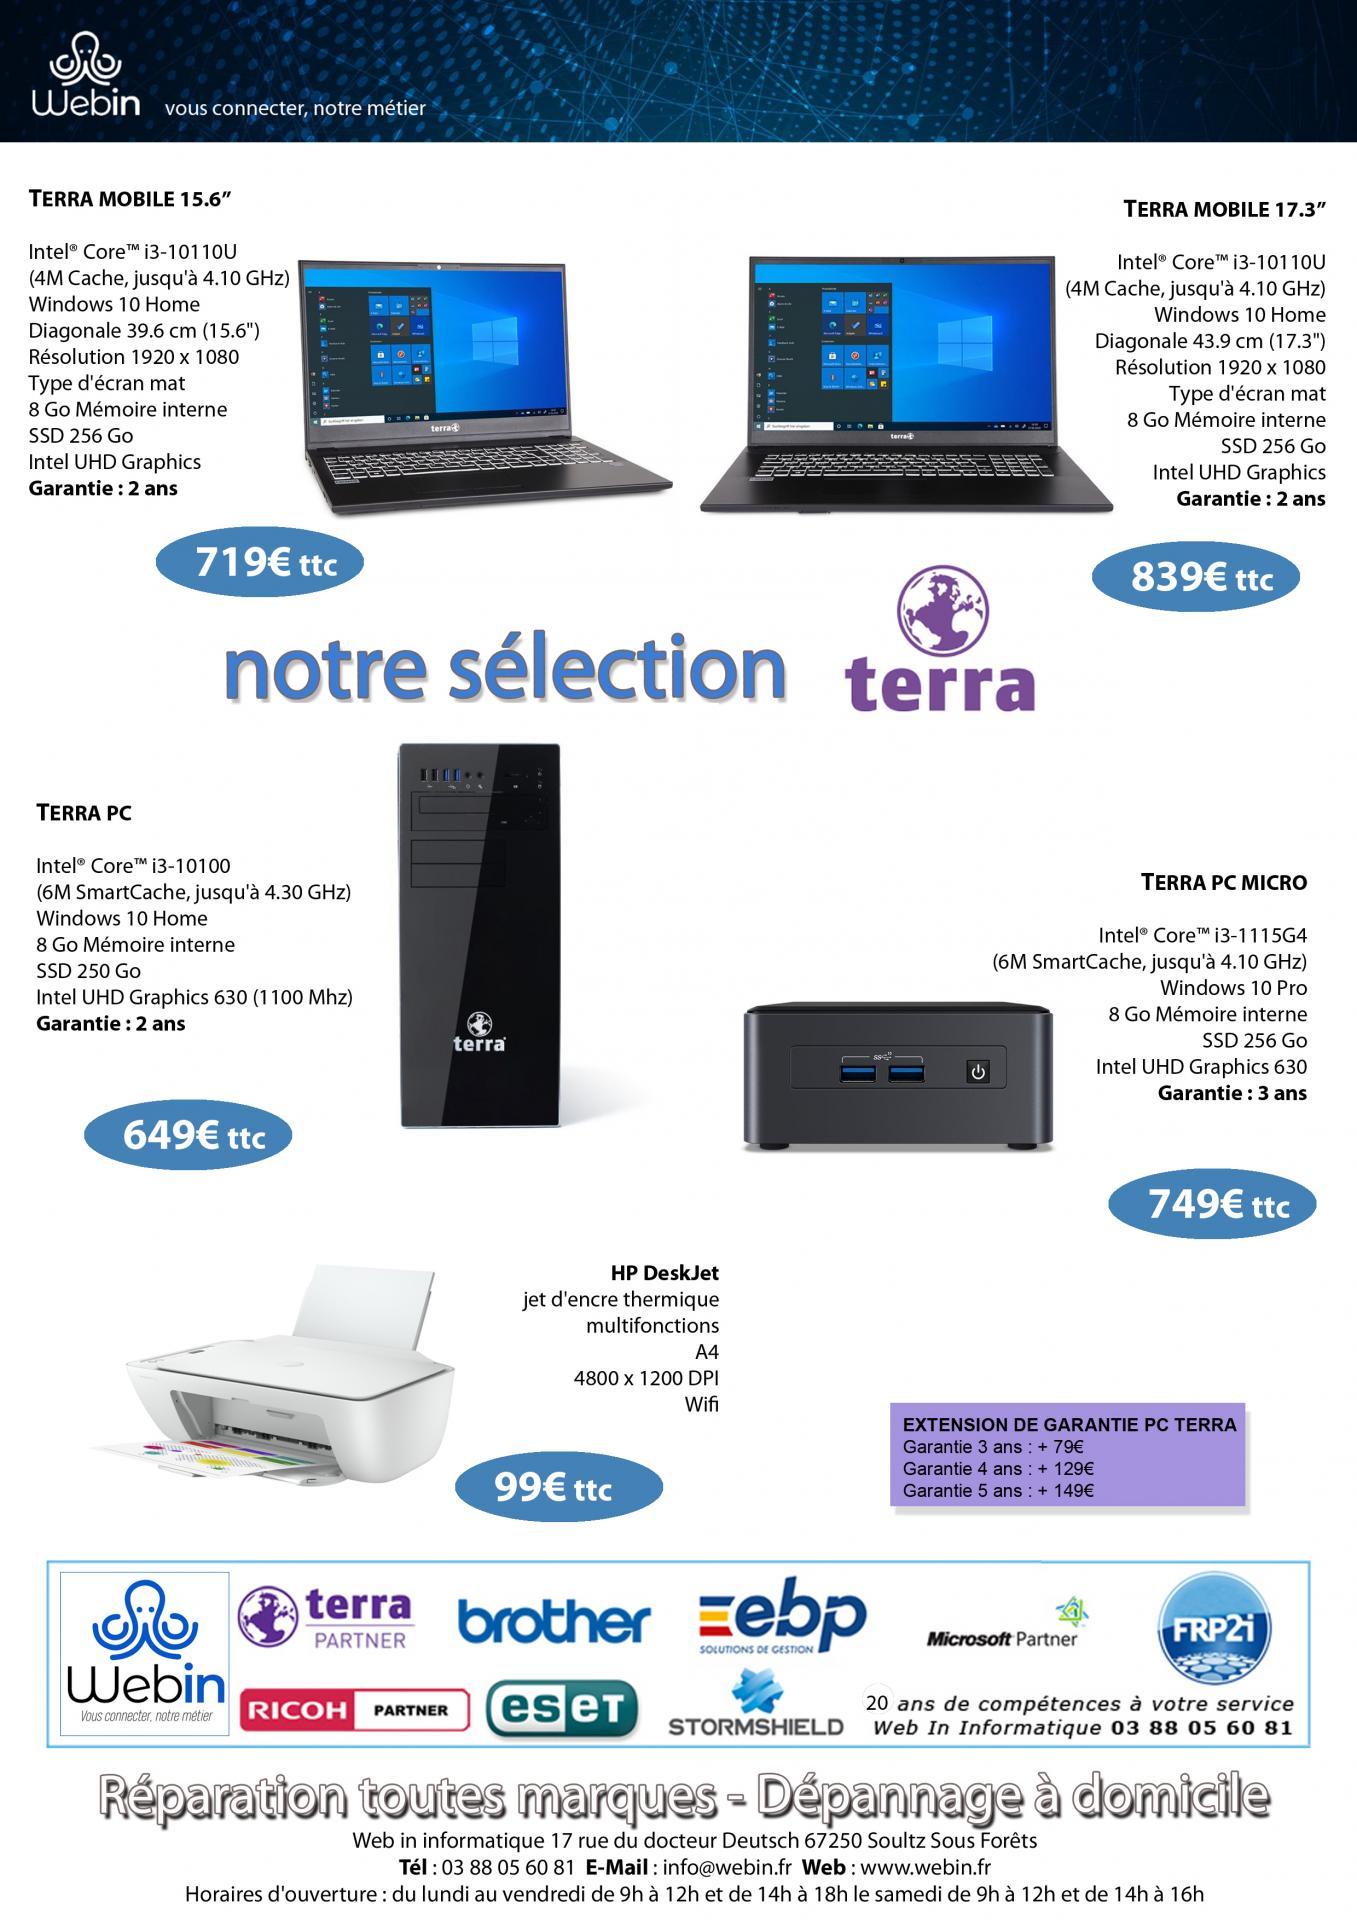 Offres webin selec 092021